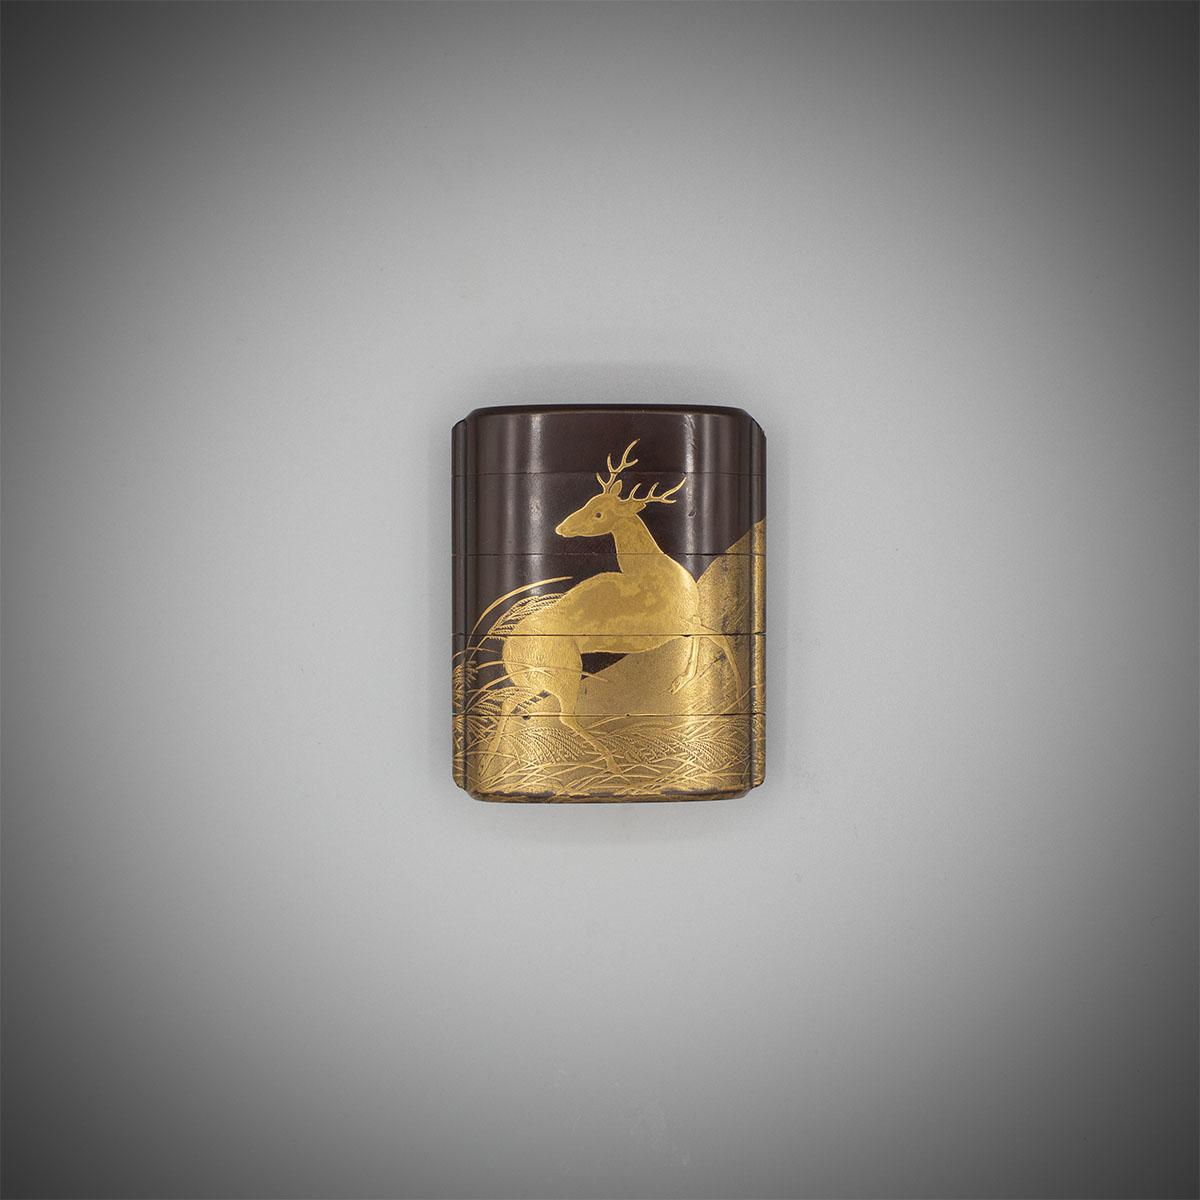 4 case brown lacquer inro with a stag by Shiomi Masanari, MR3159_v1